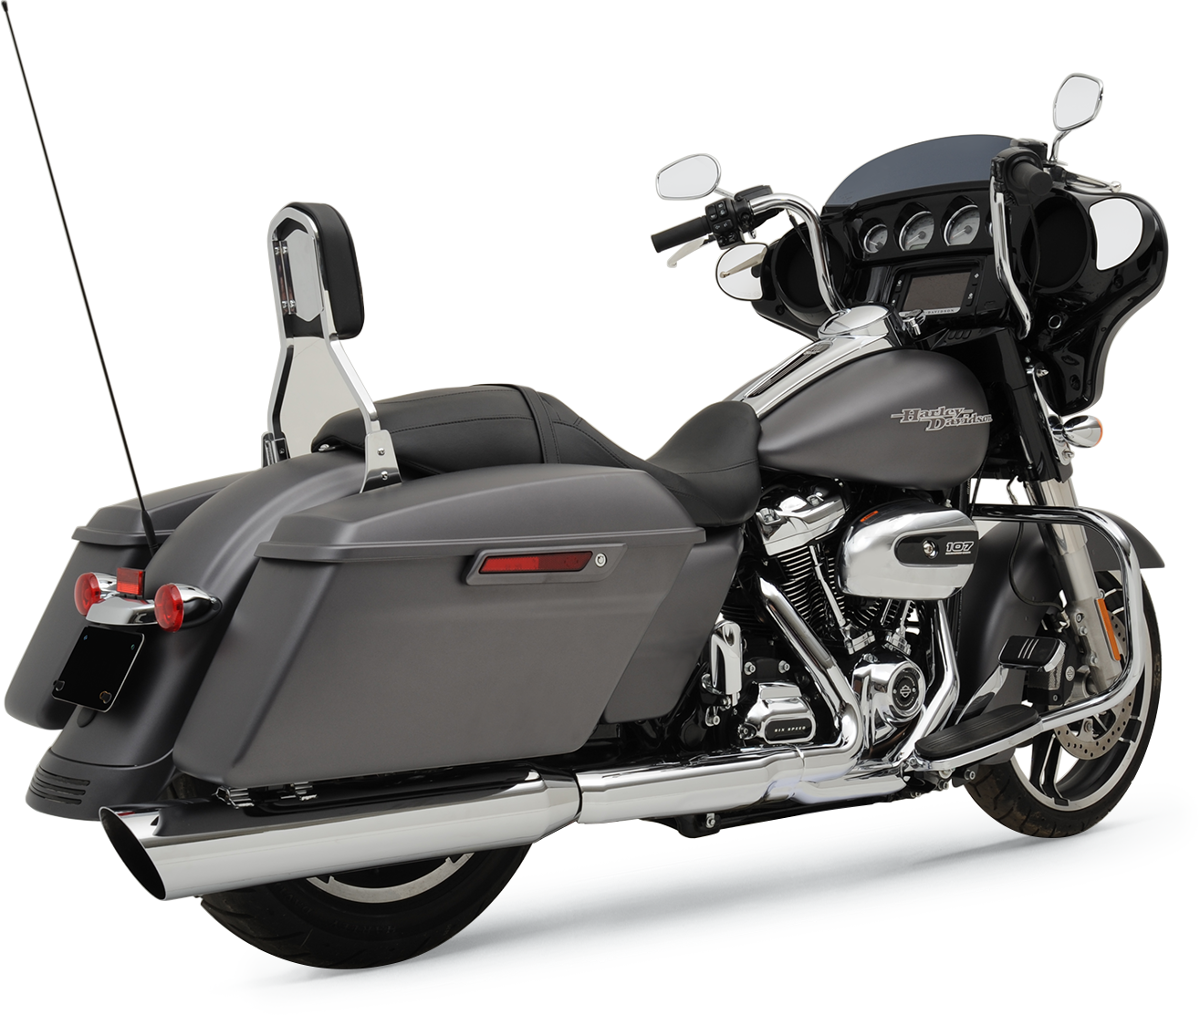 Khrome Werks 2-1 Chrome HP-Plus Slip on Muffler for 17-19 Harley Touring FLHX